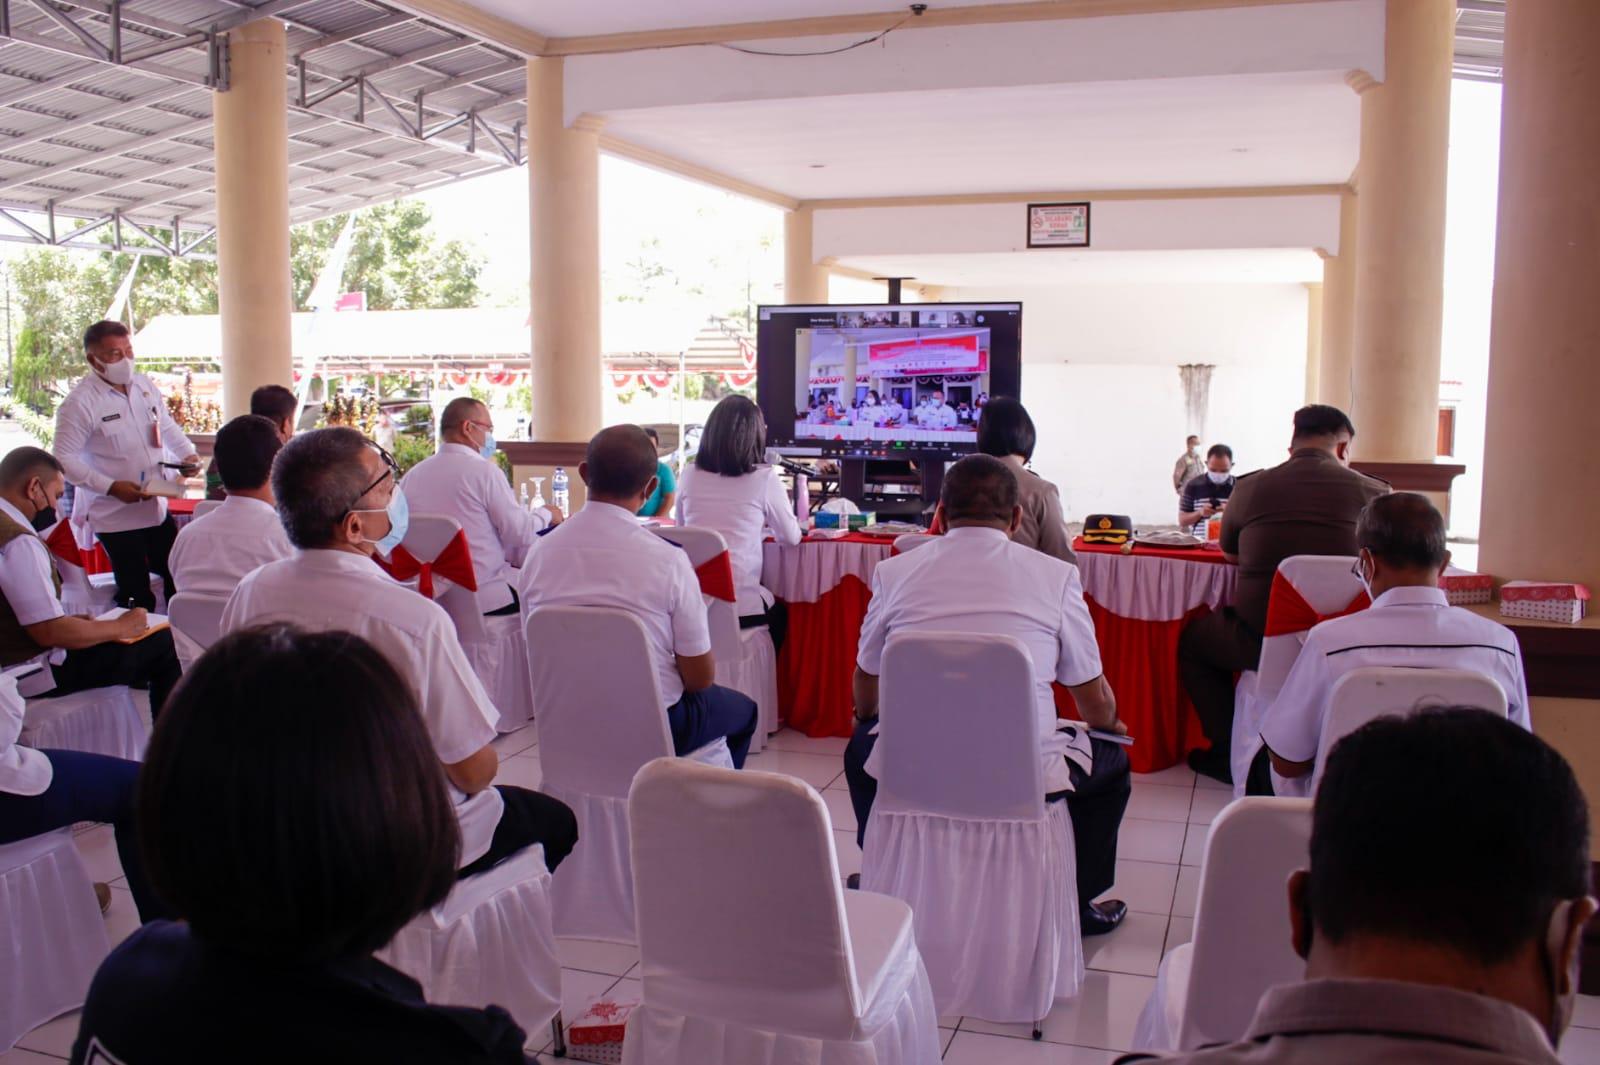 Selain dilaksanakan secara tatap muka, Rakor Pemkab Bolmong bersama Forkopimda juga diikuti oleh seluruh Camat dan Sangadi yang ada di Bolmong melalui aplikasi Zoom Meeting